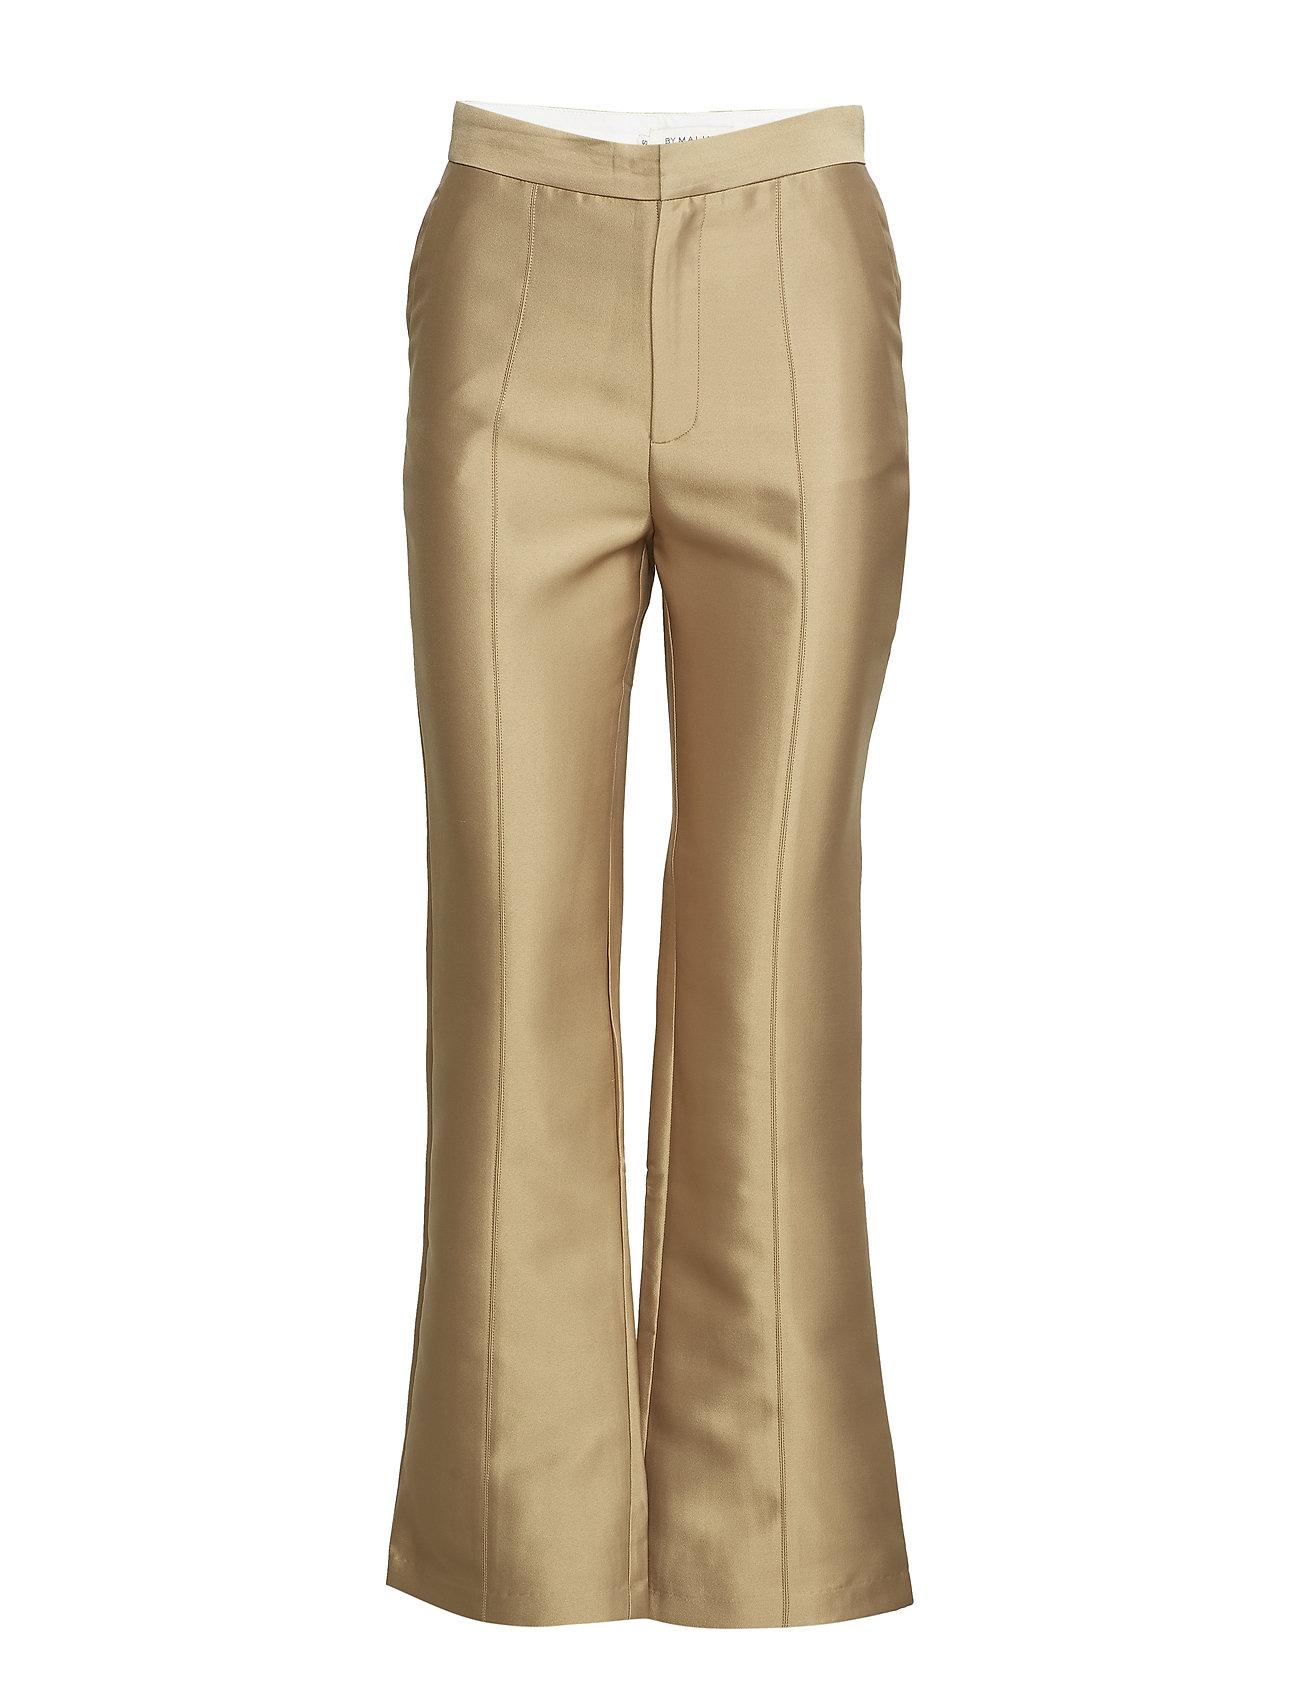 Image of Elvina Pants Bukser Med Lige Ben Guld By Malina (3071141913)